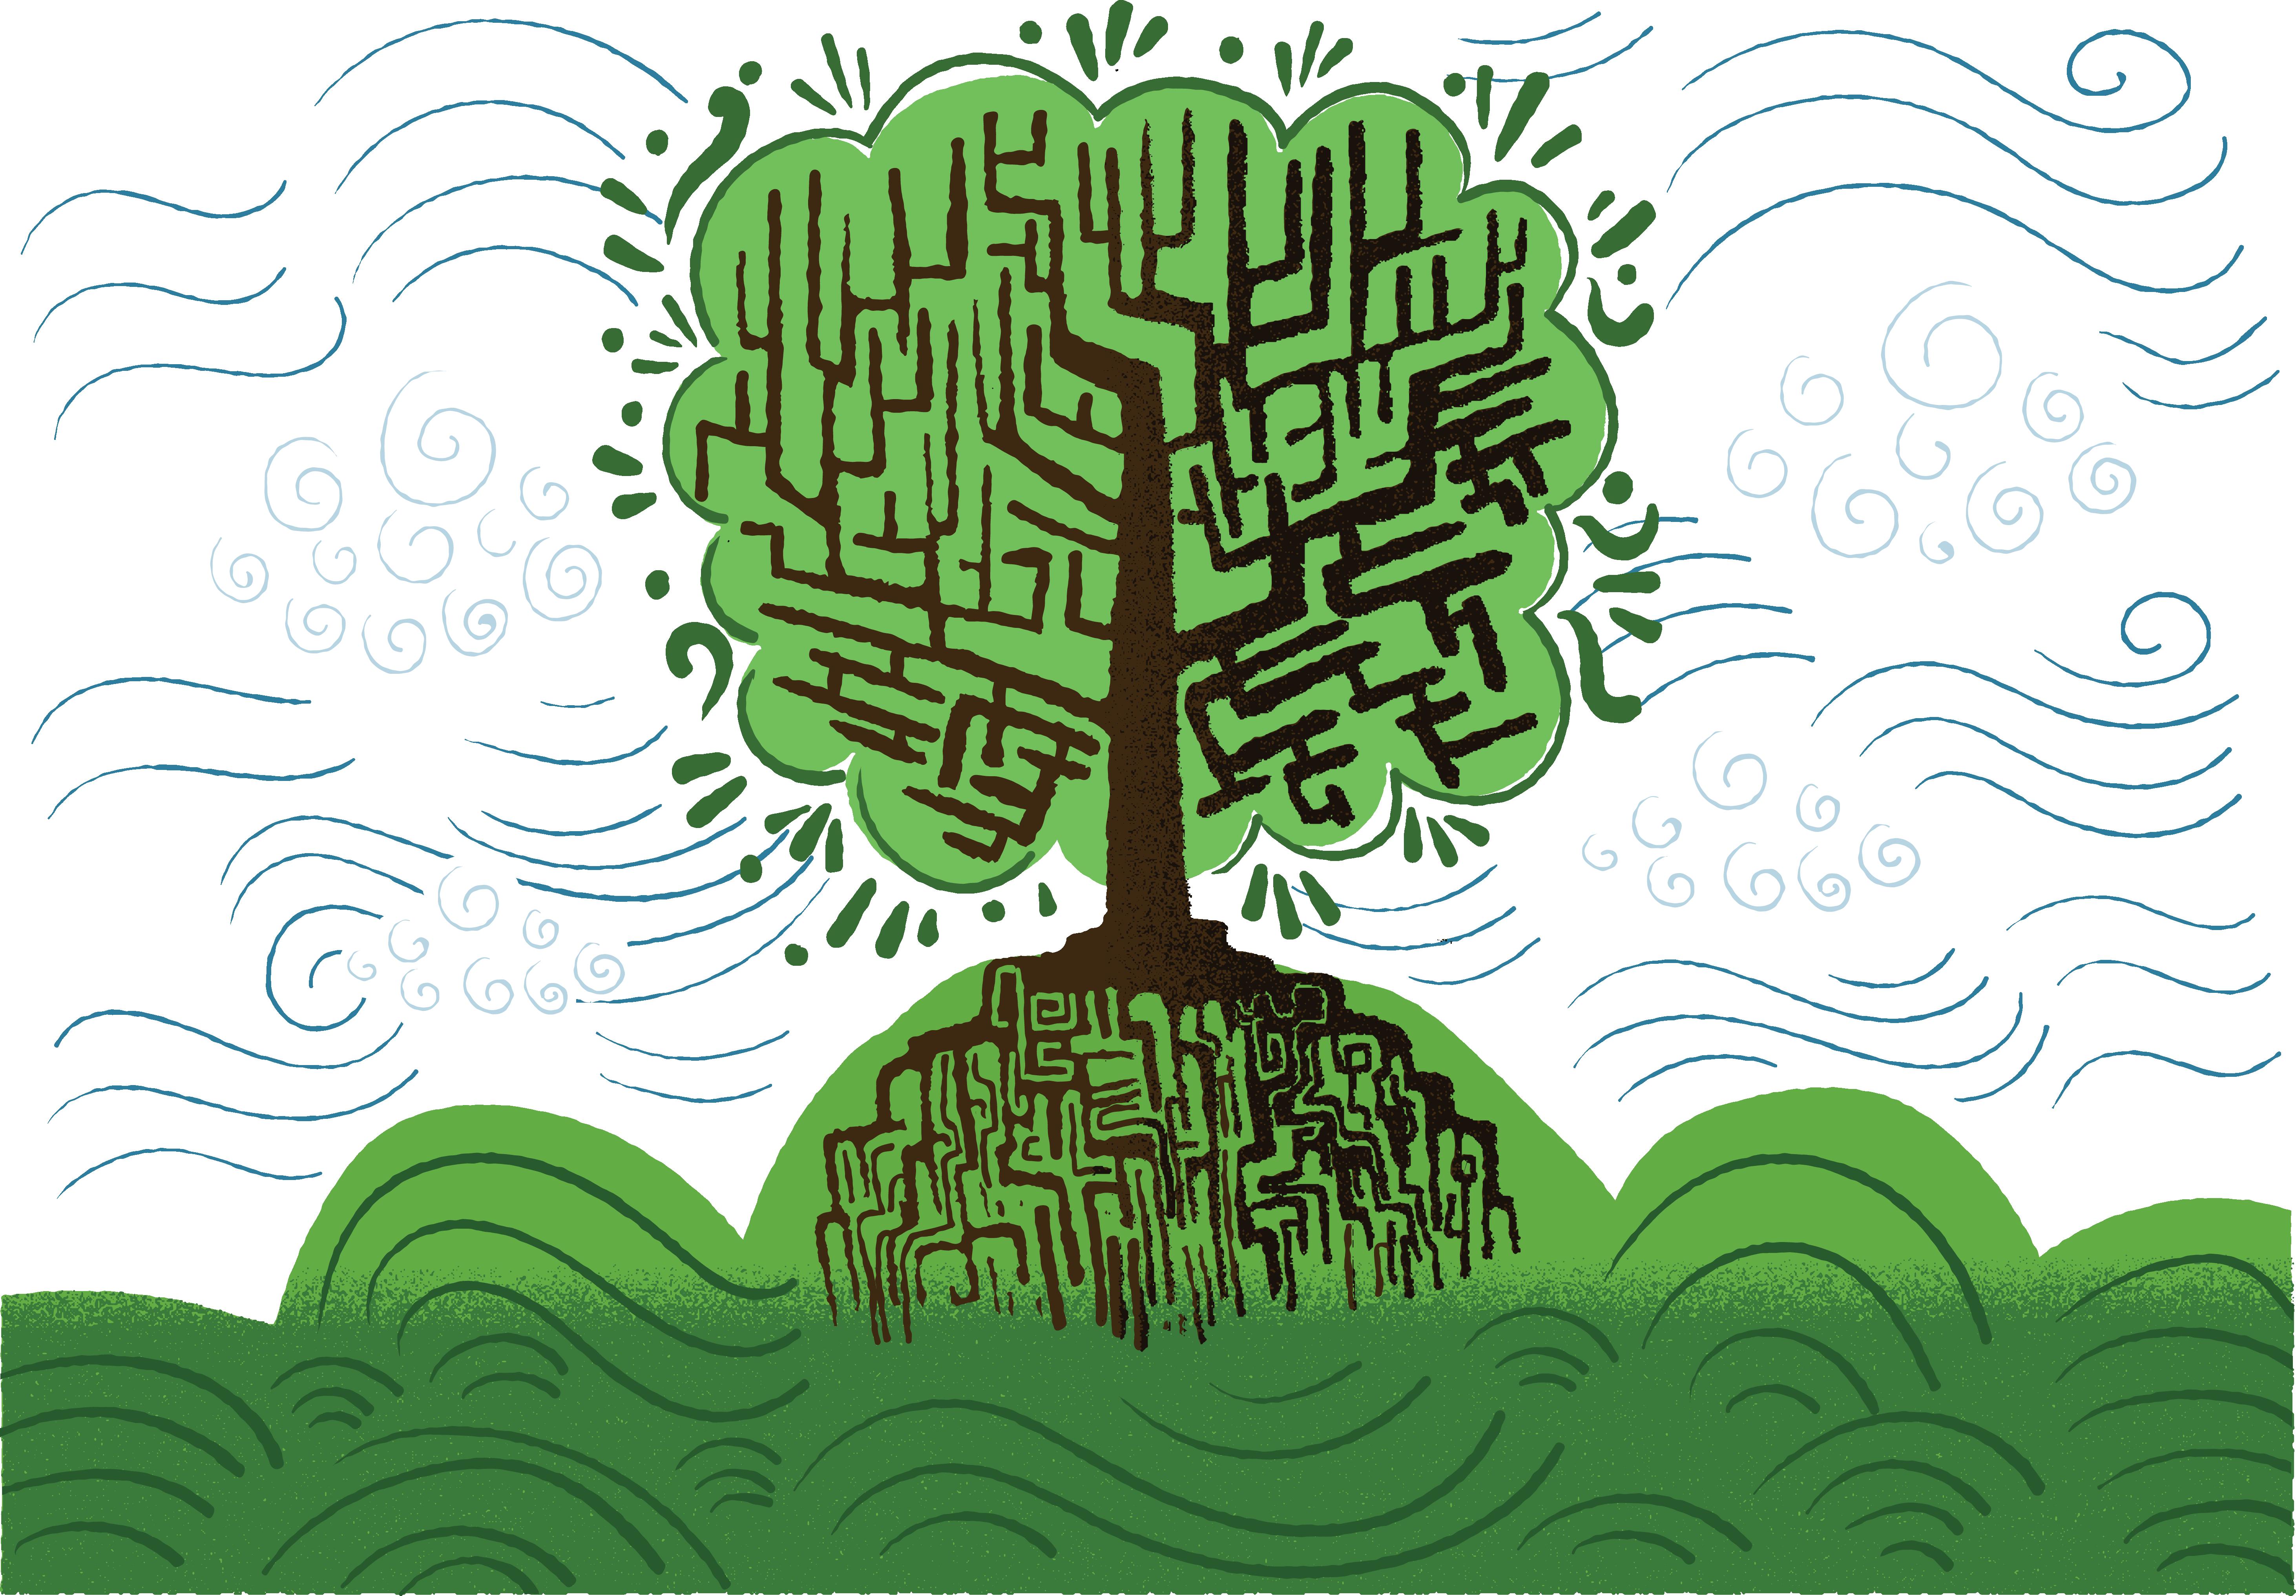 Graffiti clipart crown. Tree euclidean vector